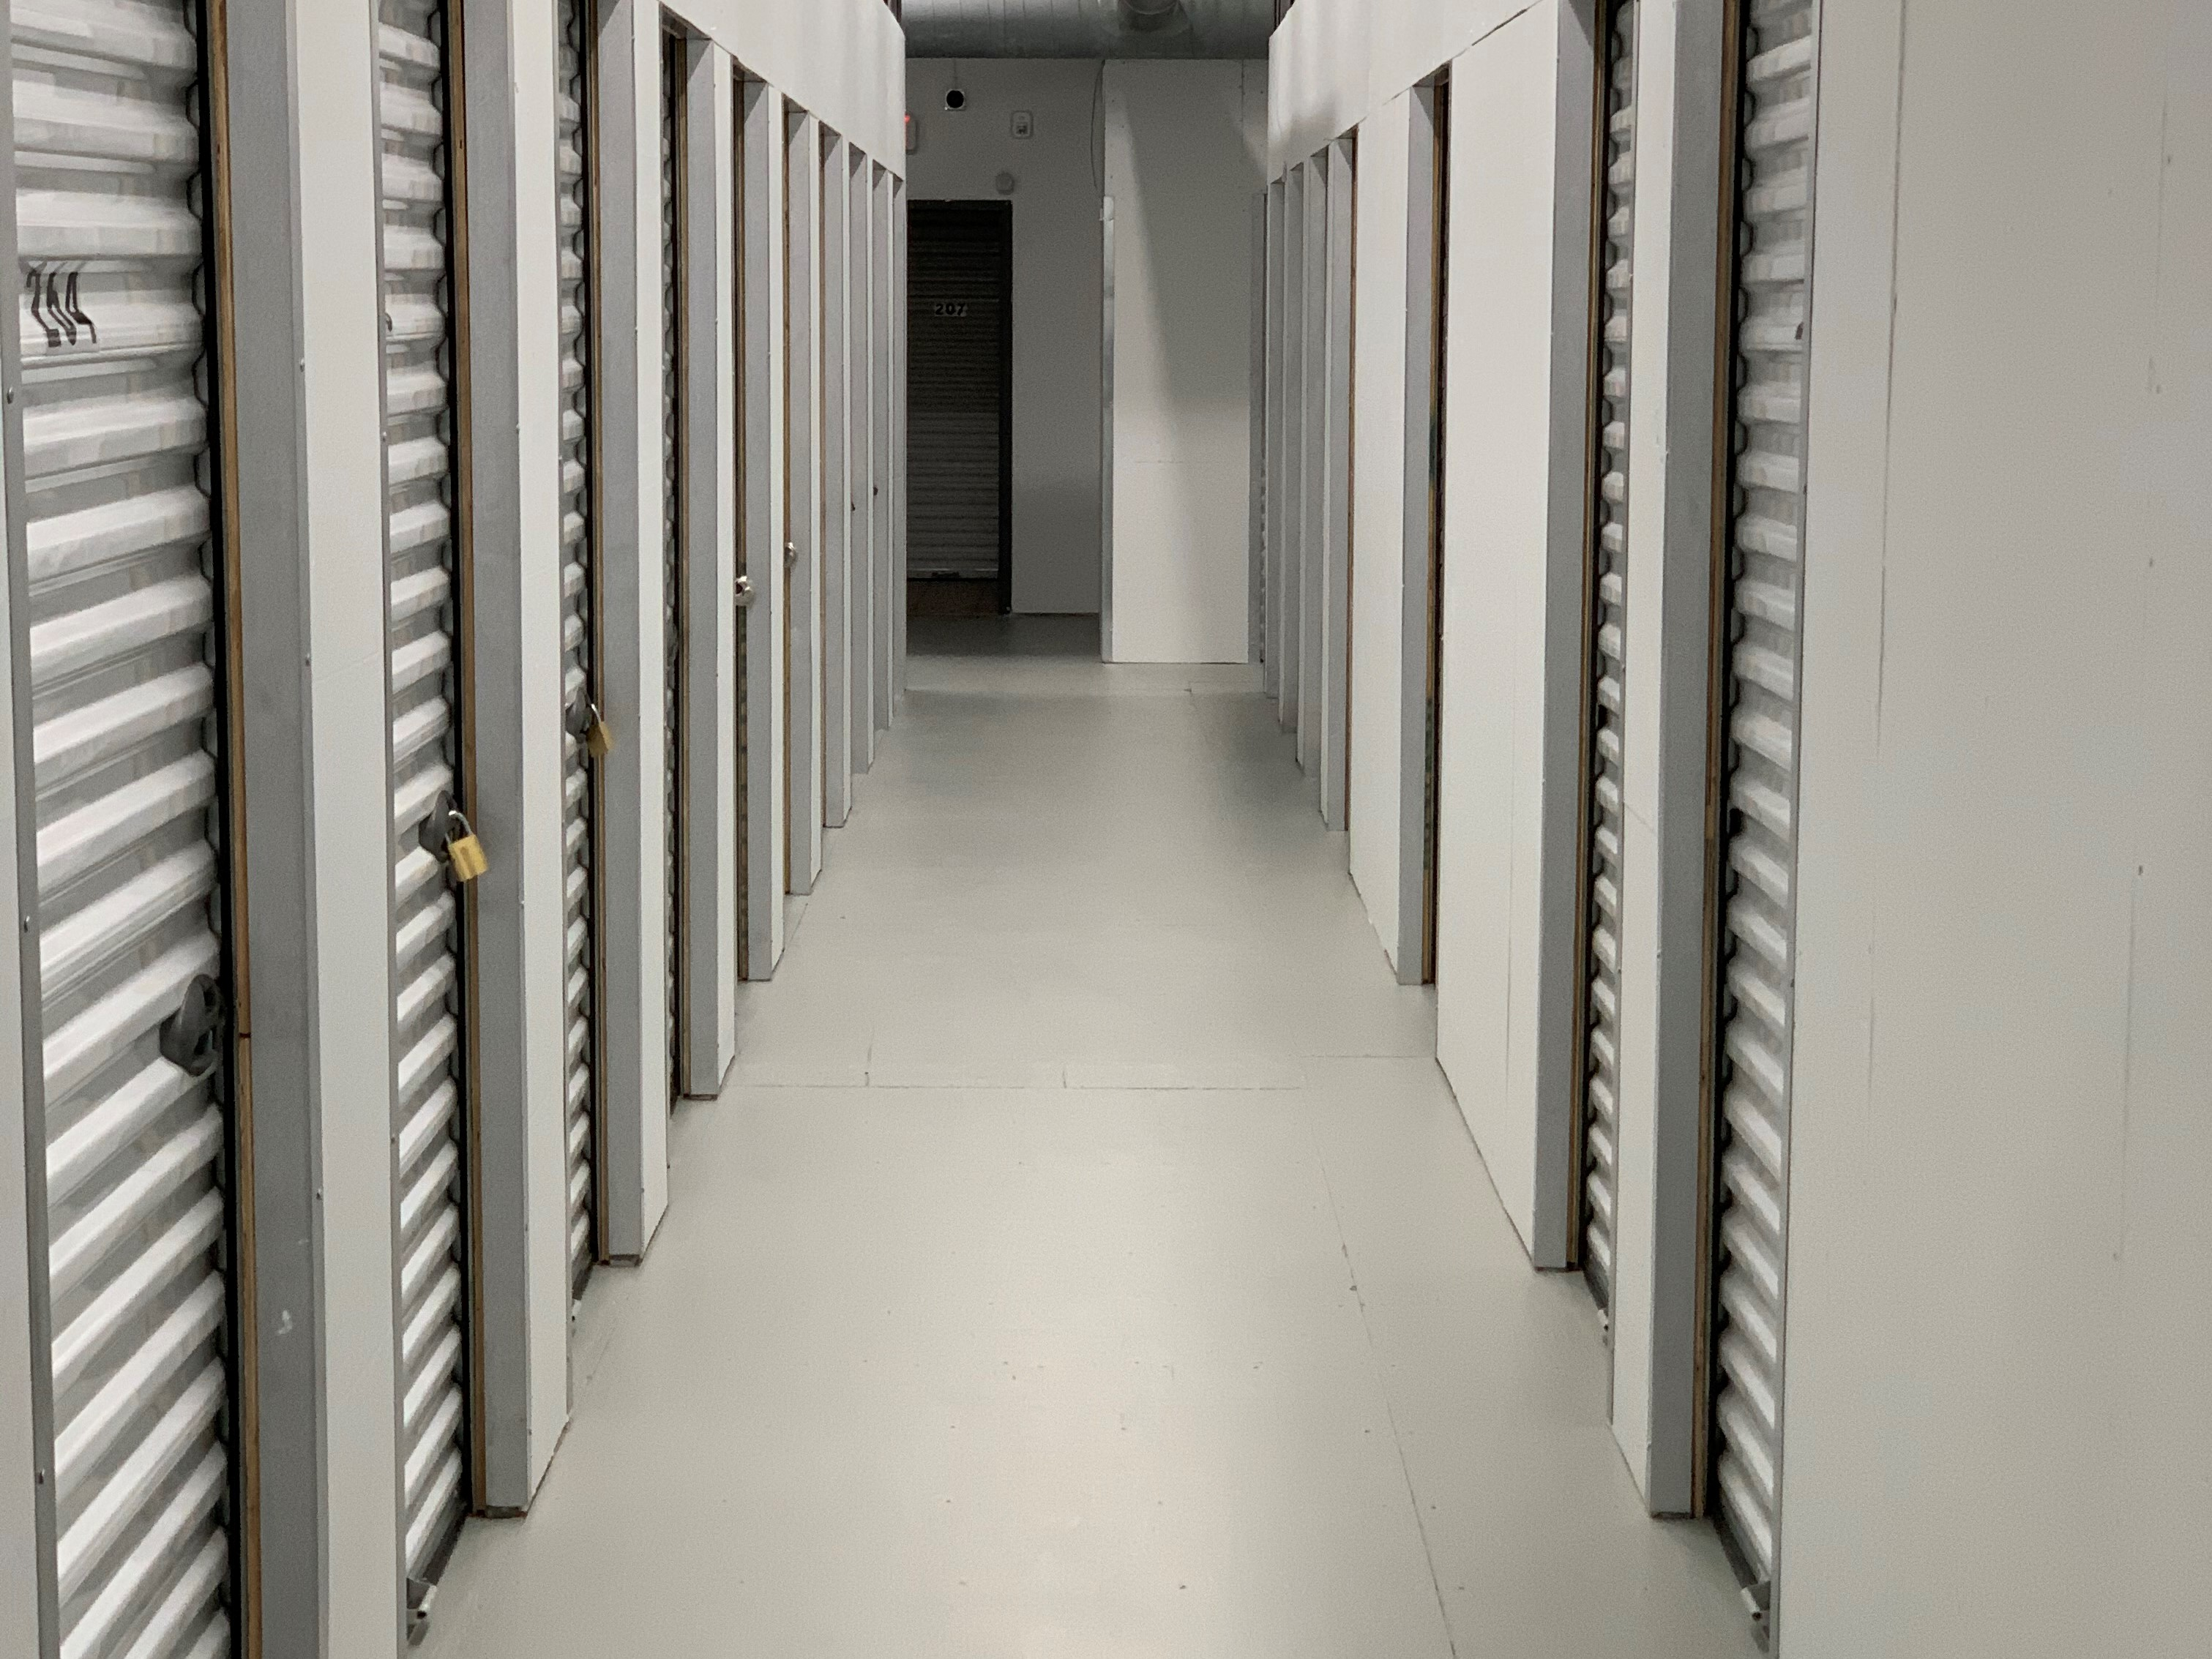 interior self storage in winona, mn